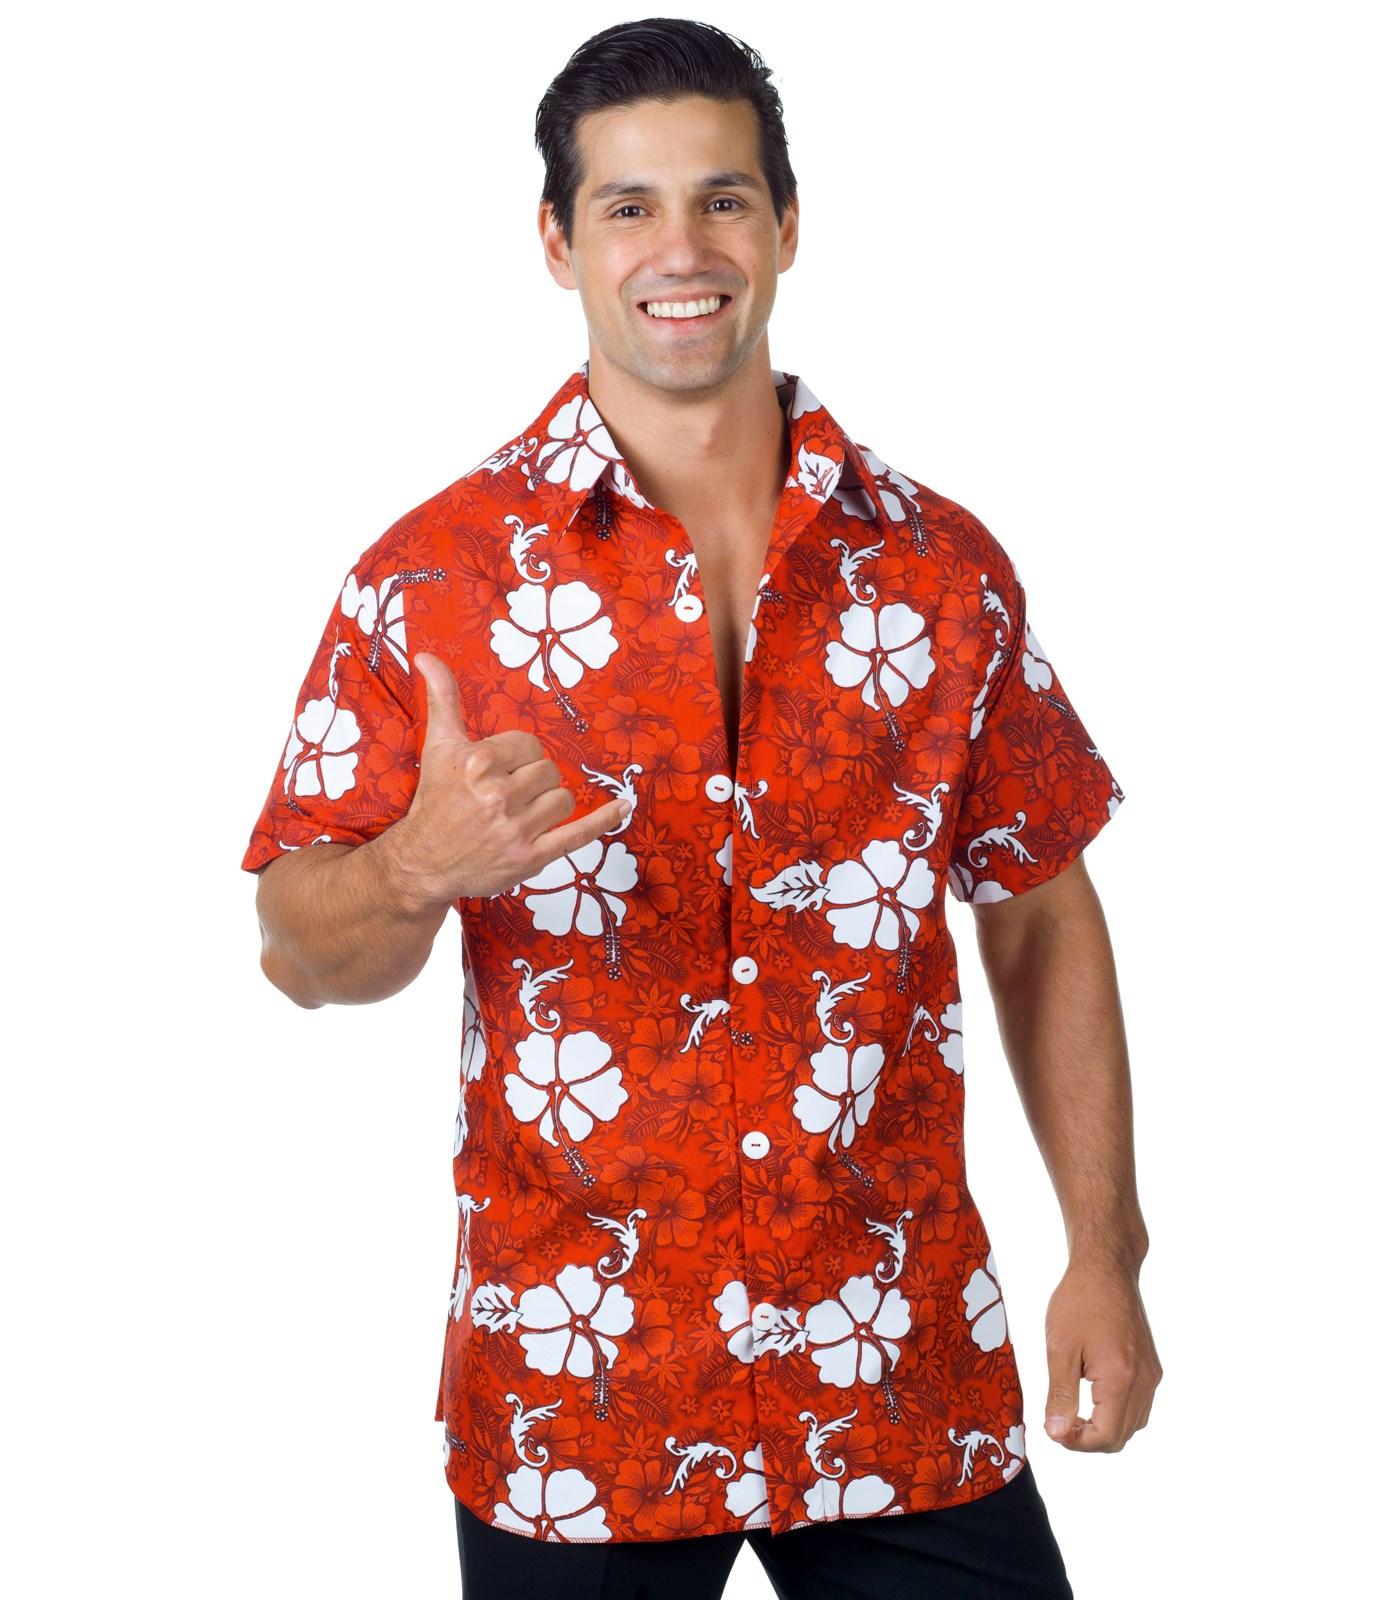 Red Hawaiian Adult Shirt